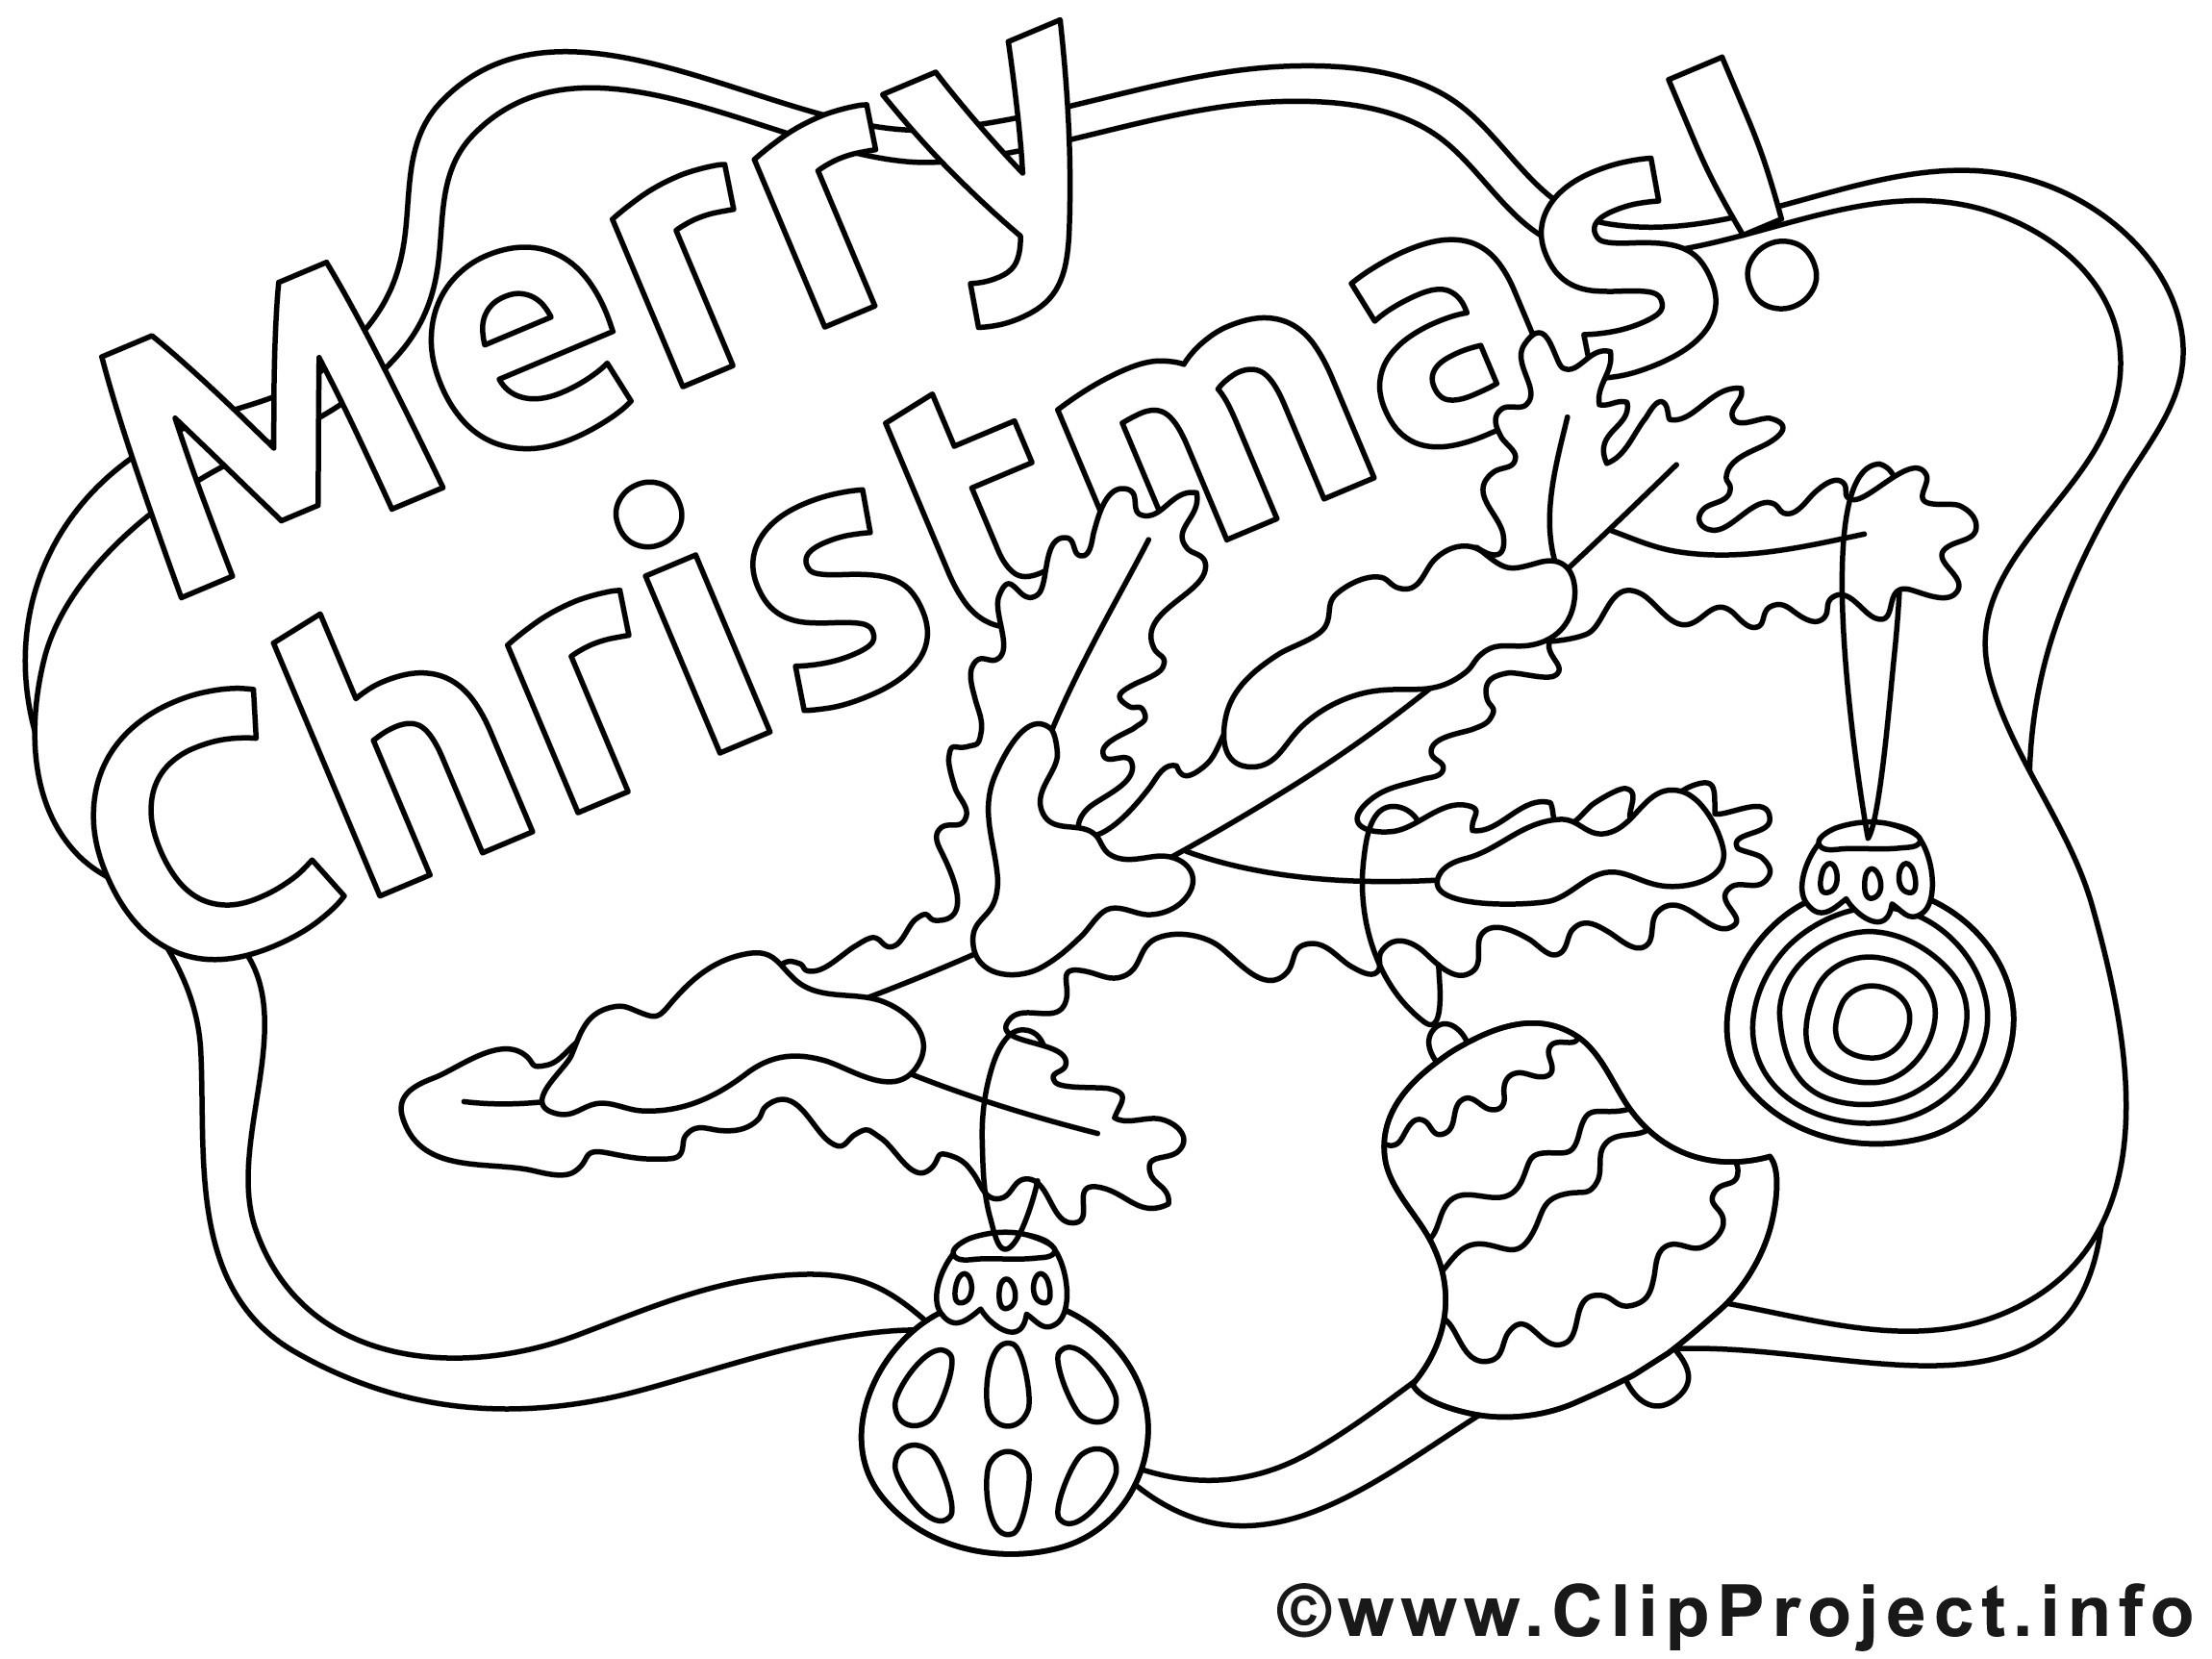 Ausmalbilder Für Kinder Weihnachten Kostenlos Frisch Frei Bedruckbare Prinzessin Malvorlagen Dr Seuss Druckbare Bilder